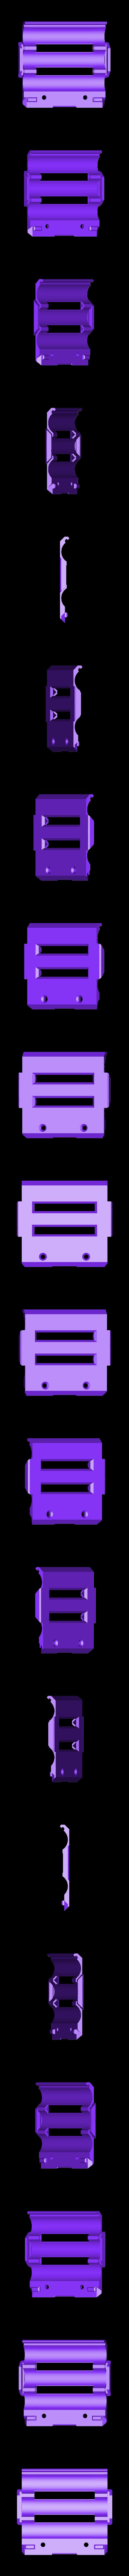 18650_3P_lid_V2_Vented.stl Télécharger fichier STL gratuit NESE, le module V2 sans soudure 18650 (VENTED) • Objet pour imprimante 3D, 18650